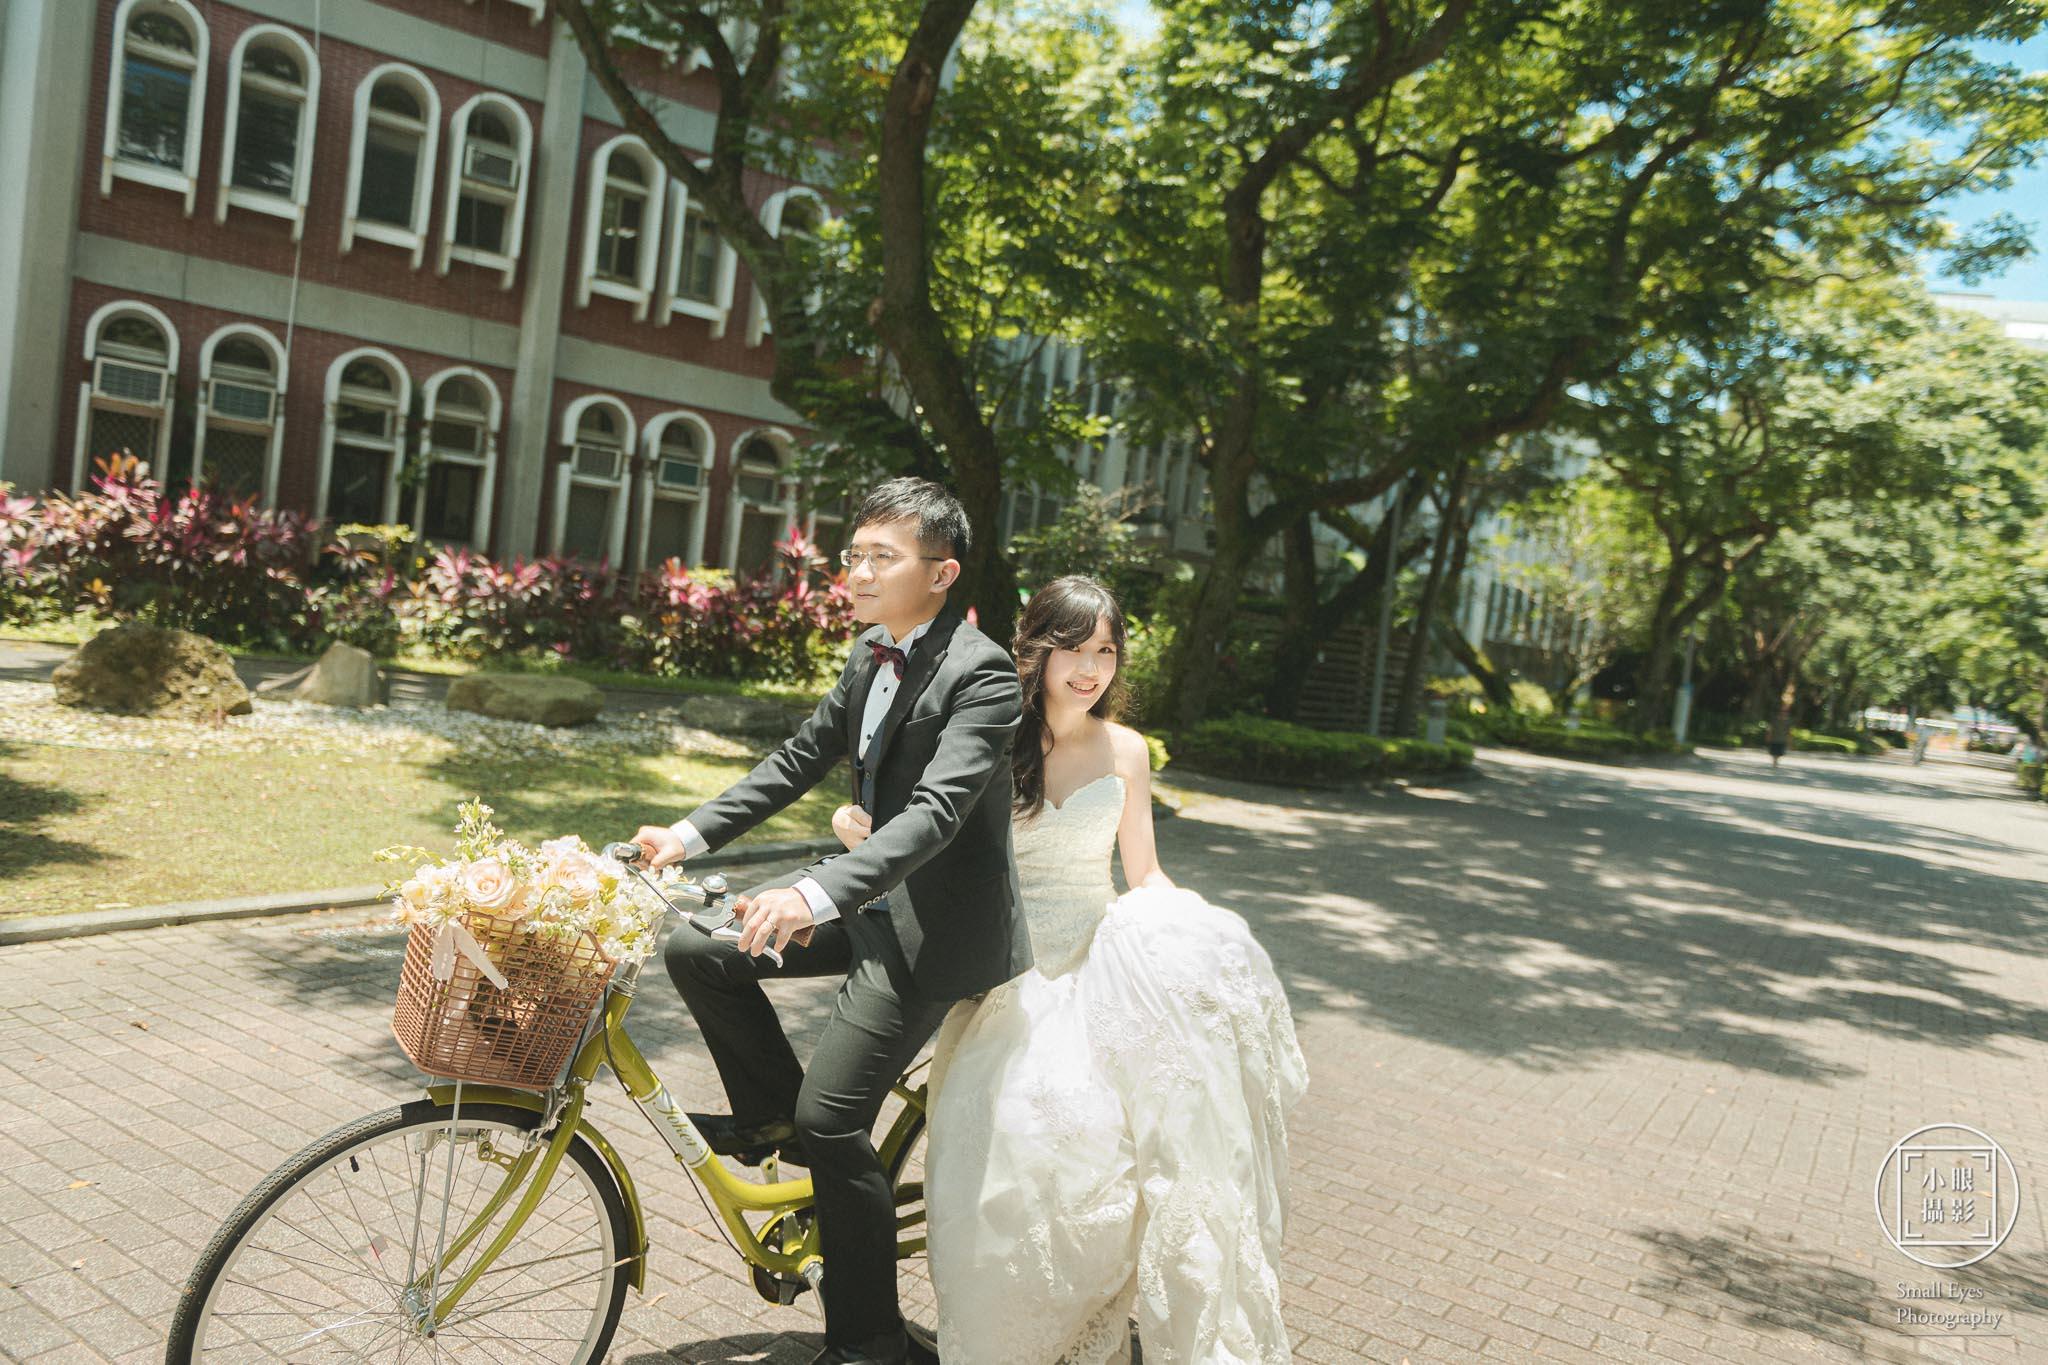 人像, 小眼攝影, 自主, 自主婚紗, 自助,  國內婚紗, 婚紗, 婚紗攝影, 婚攝, 寫真, 徐徐兒,徐小恩,國樂,柳琴,梆笛,台大,腳踏車